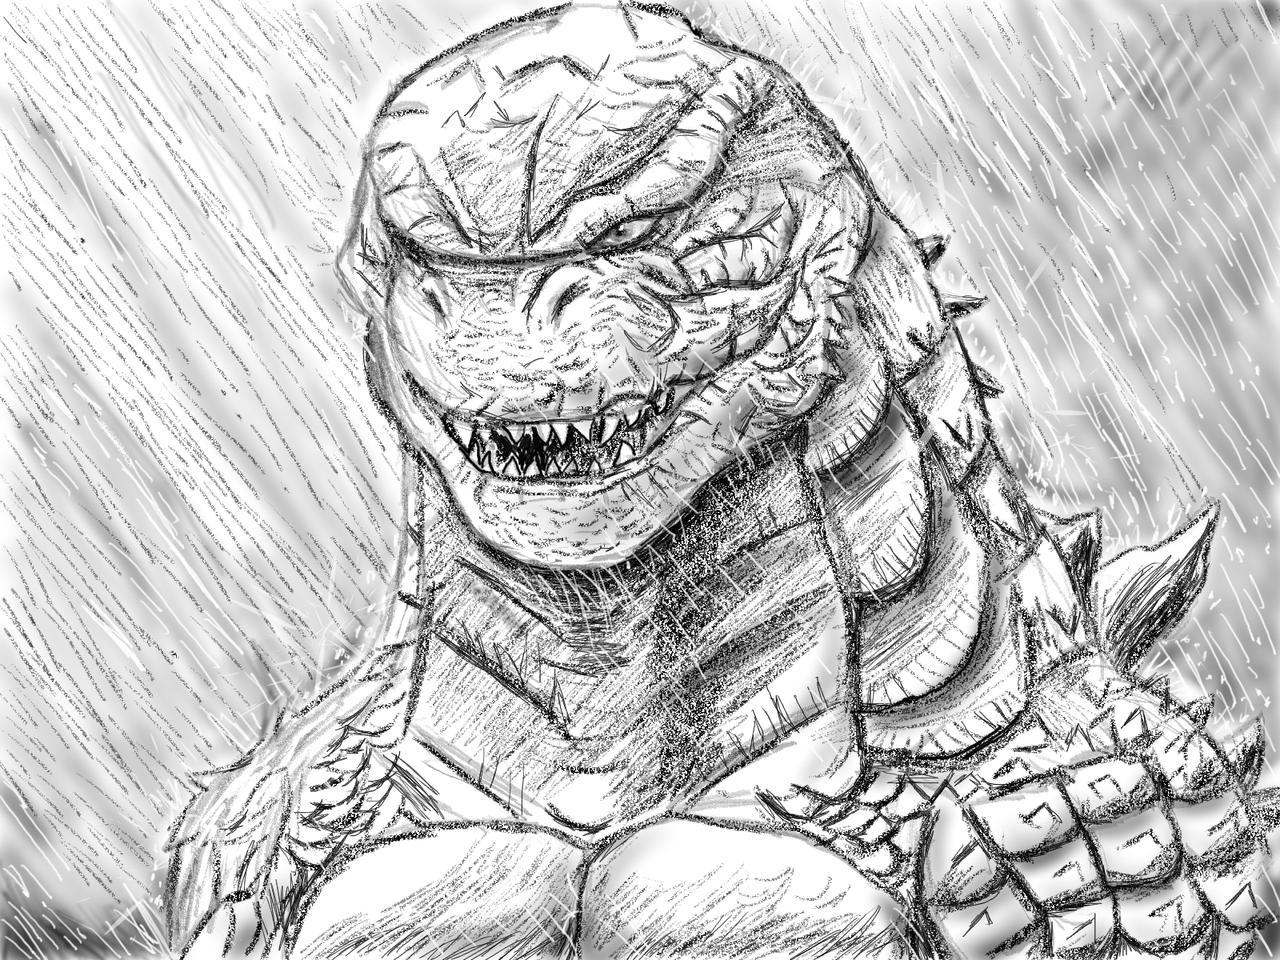 Godzilla kotm sketch by gojira kun92 on deviantart